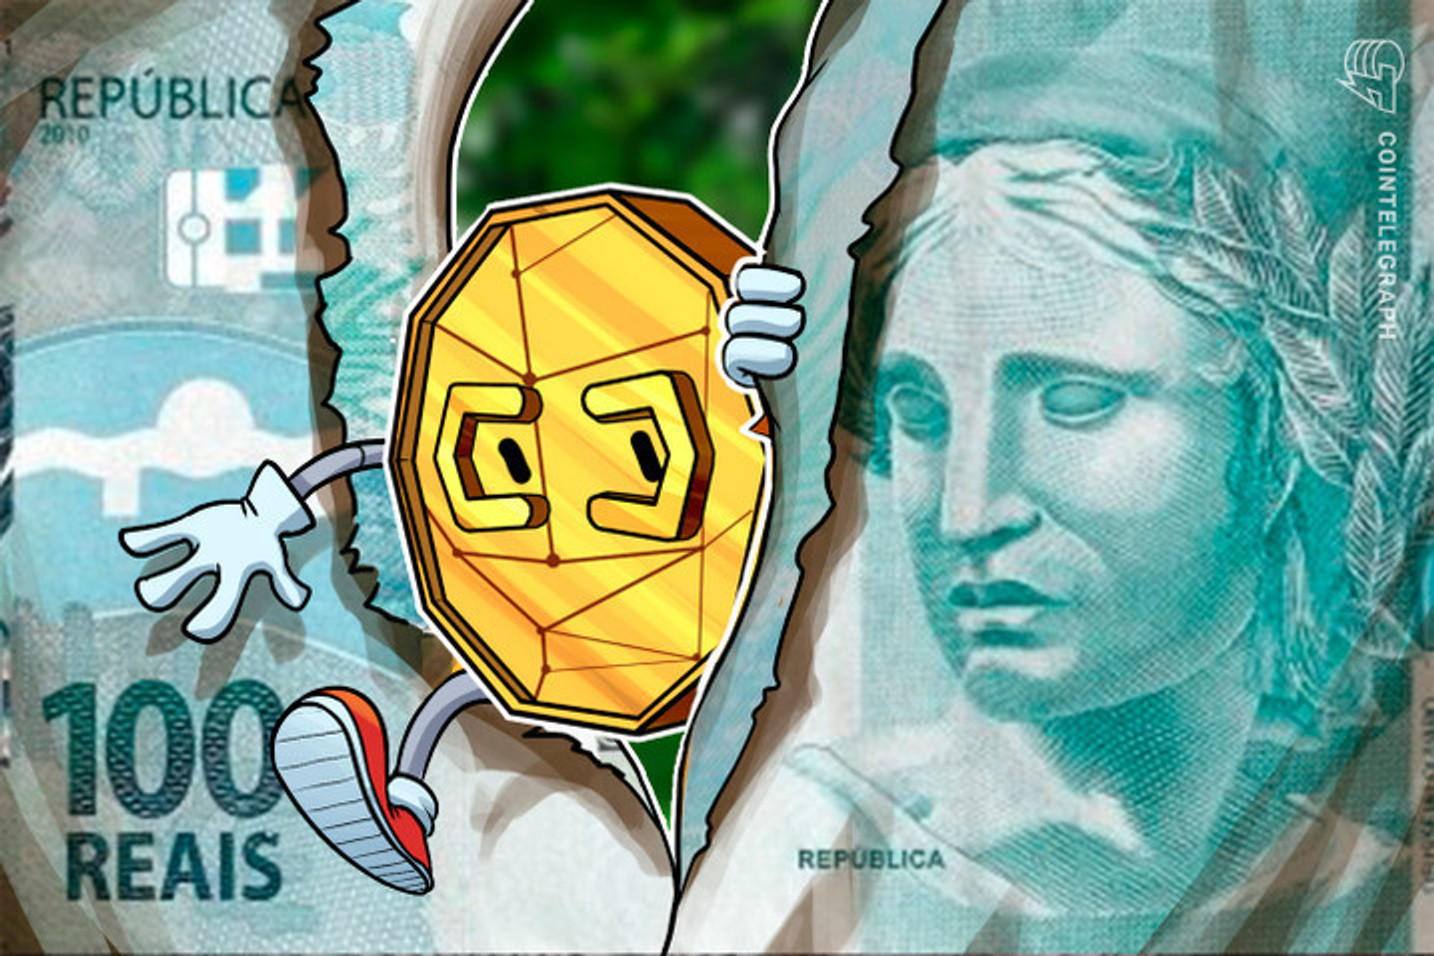 Coordenador do Real Digital afirma que não há blockchain na CBDC nacional